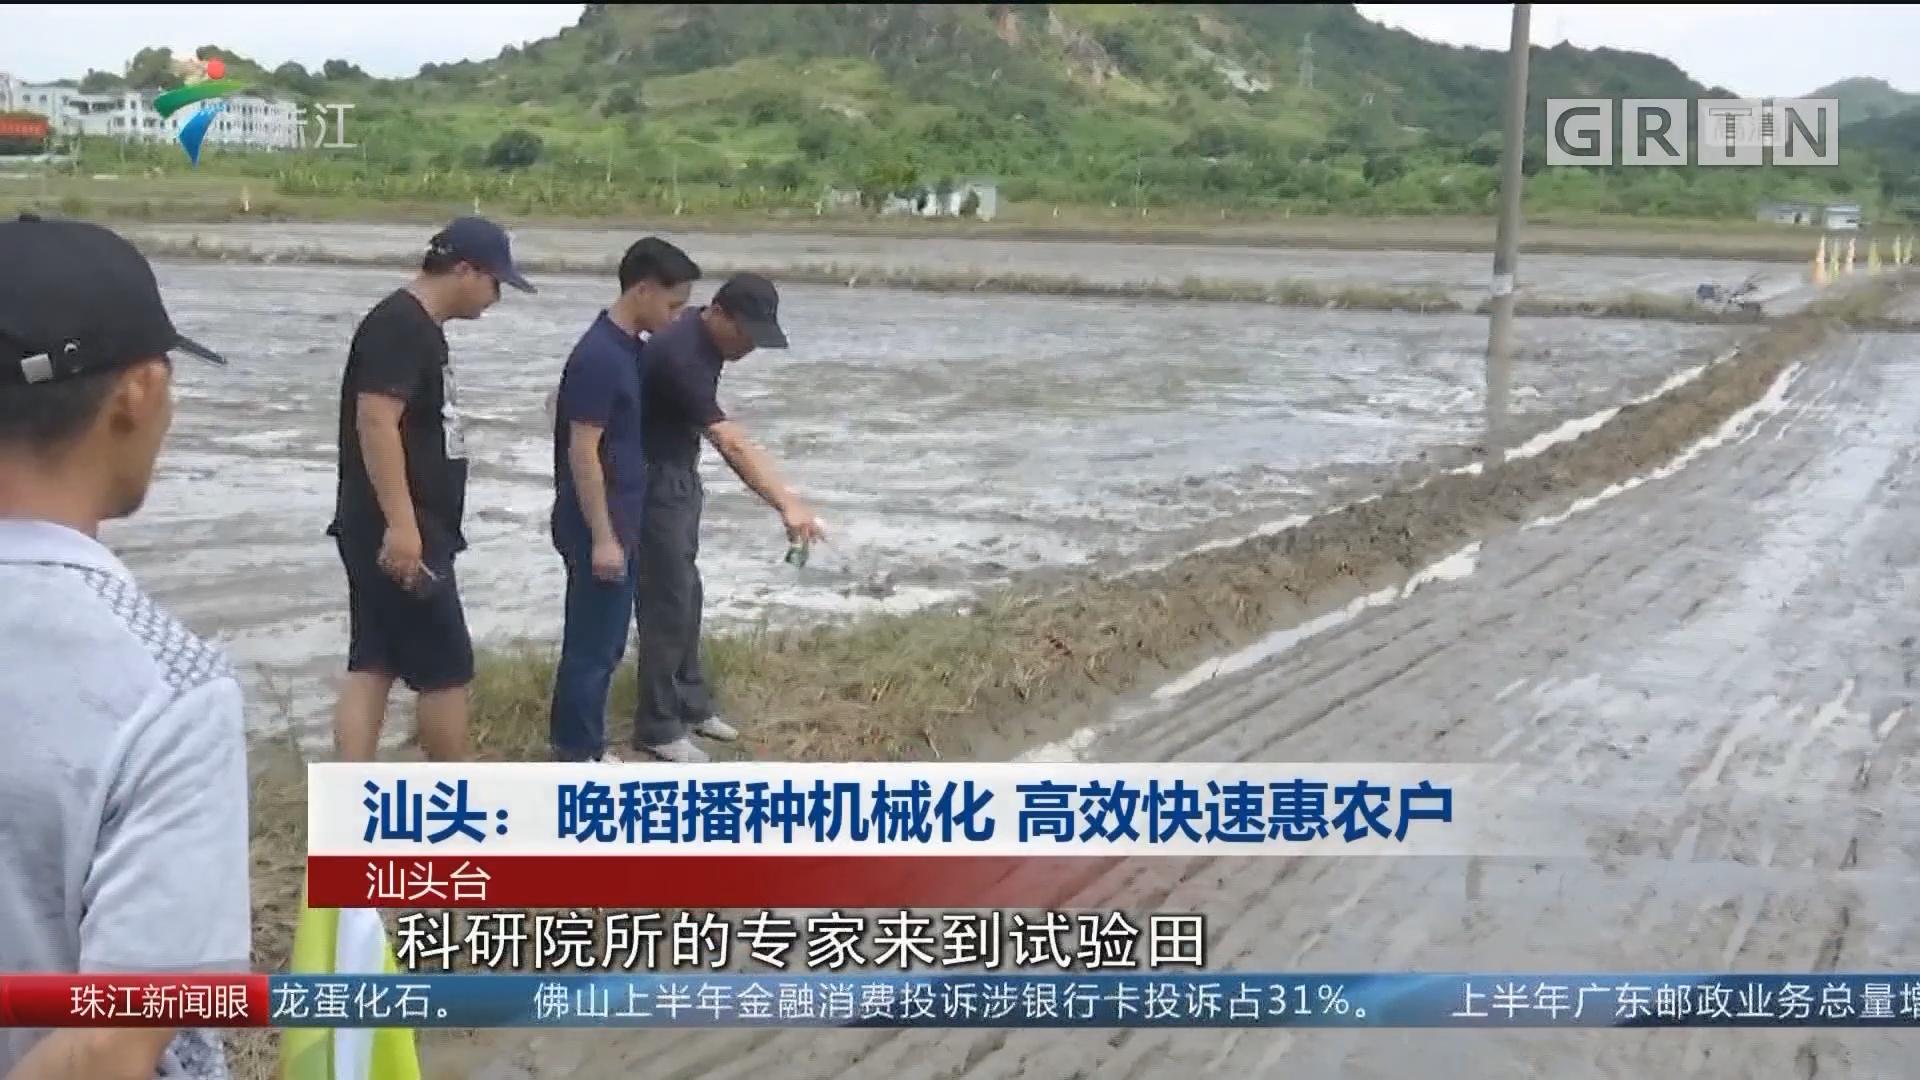 汕头:晚稻播种机械化 高效快速惠农户